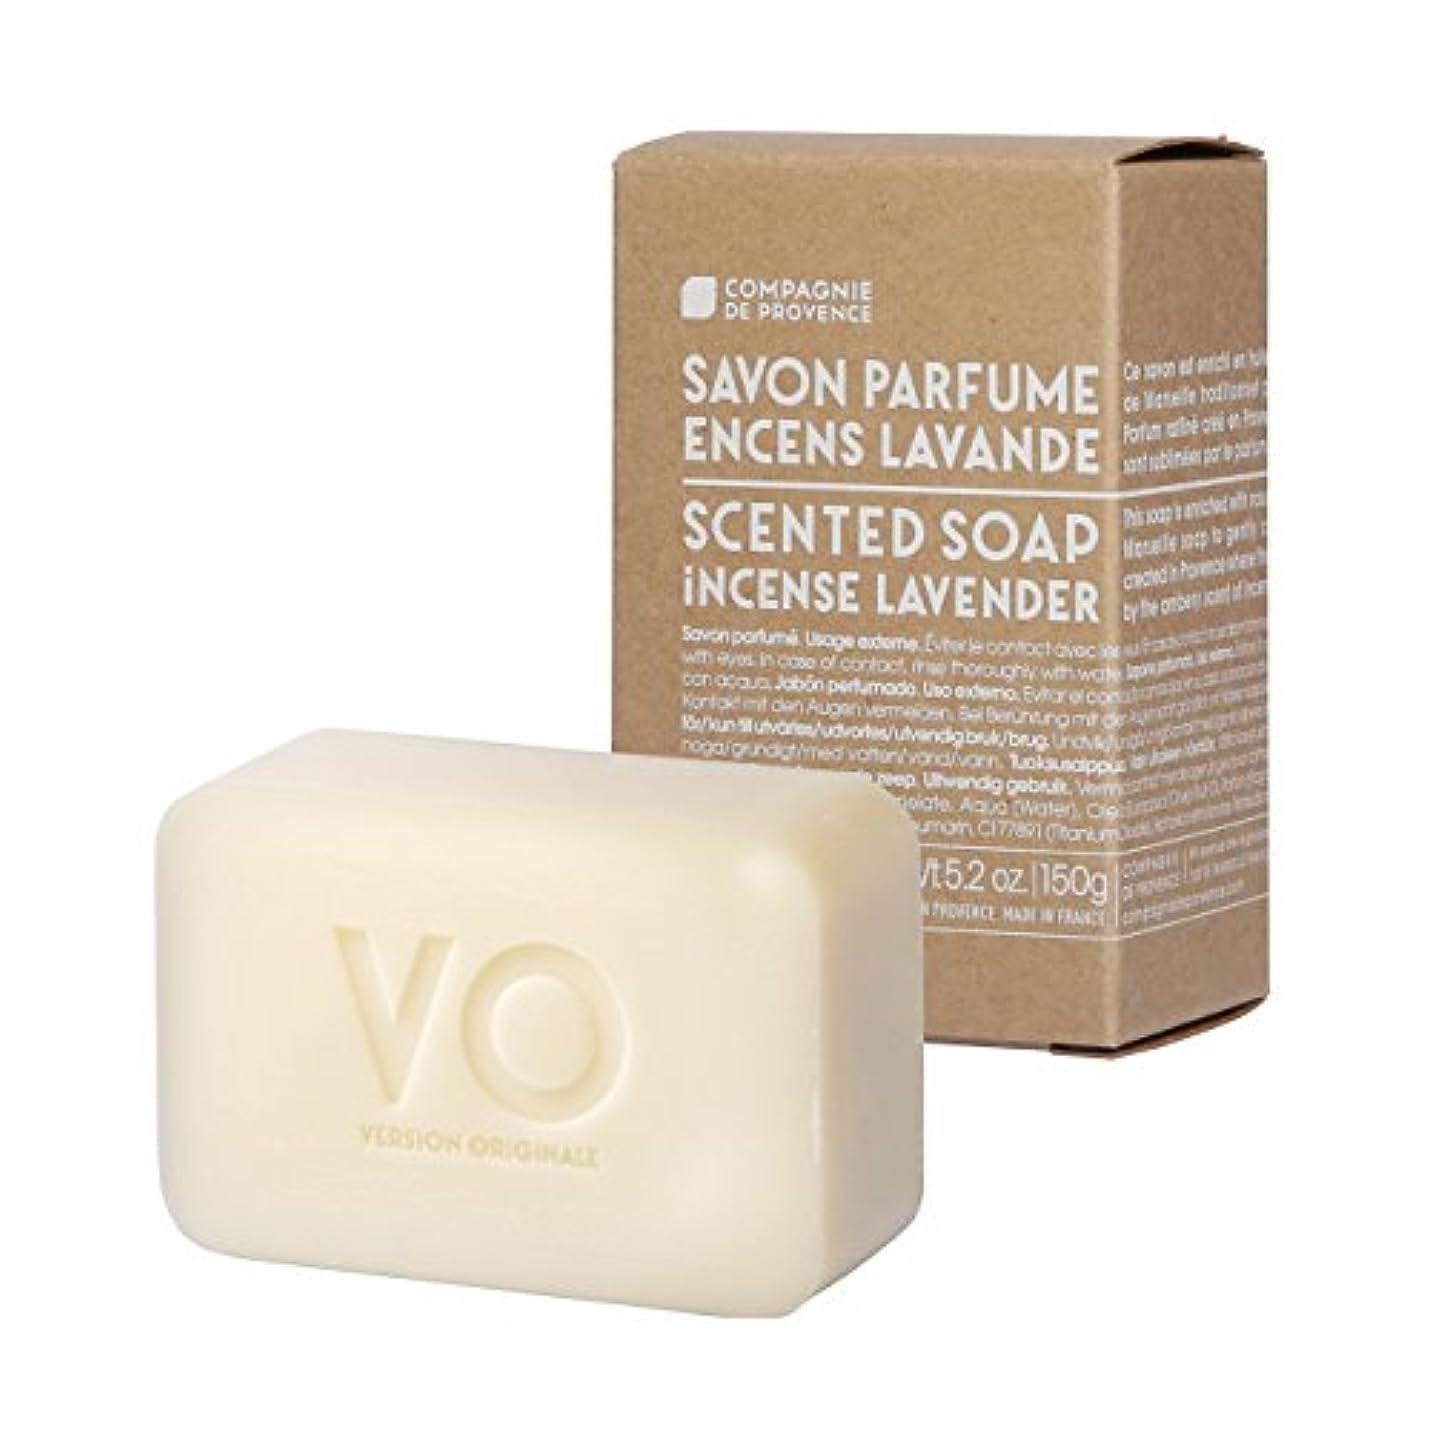 割り当てる自己話すカンパニードプロバンス バージョンオリジナル センティッドソープ インセンスラベンダー(ラベンダーとお香の香り) 150g